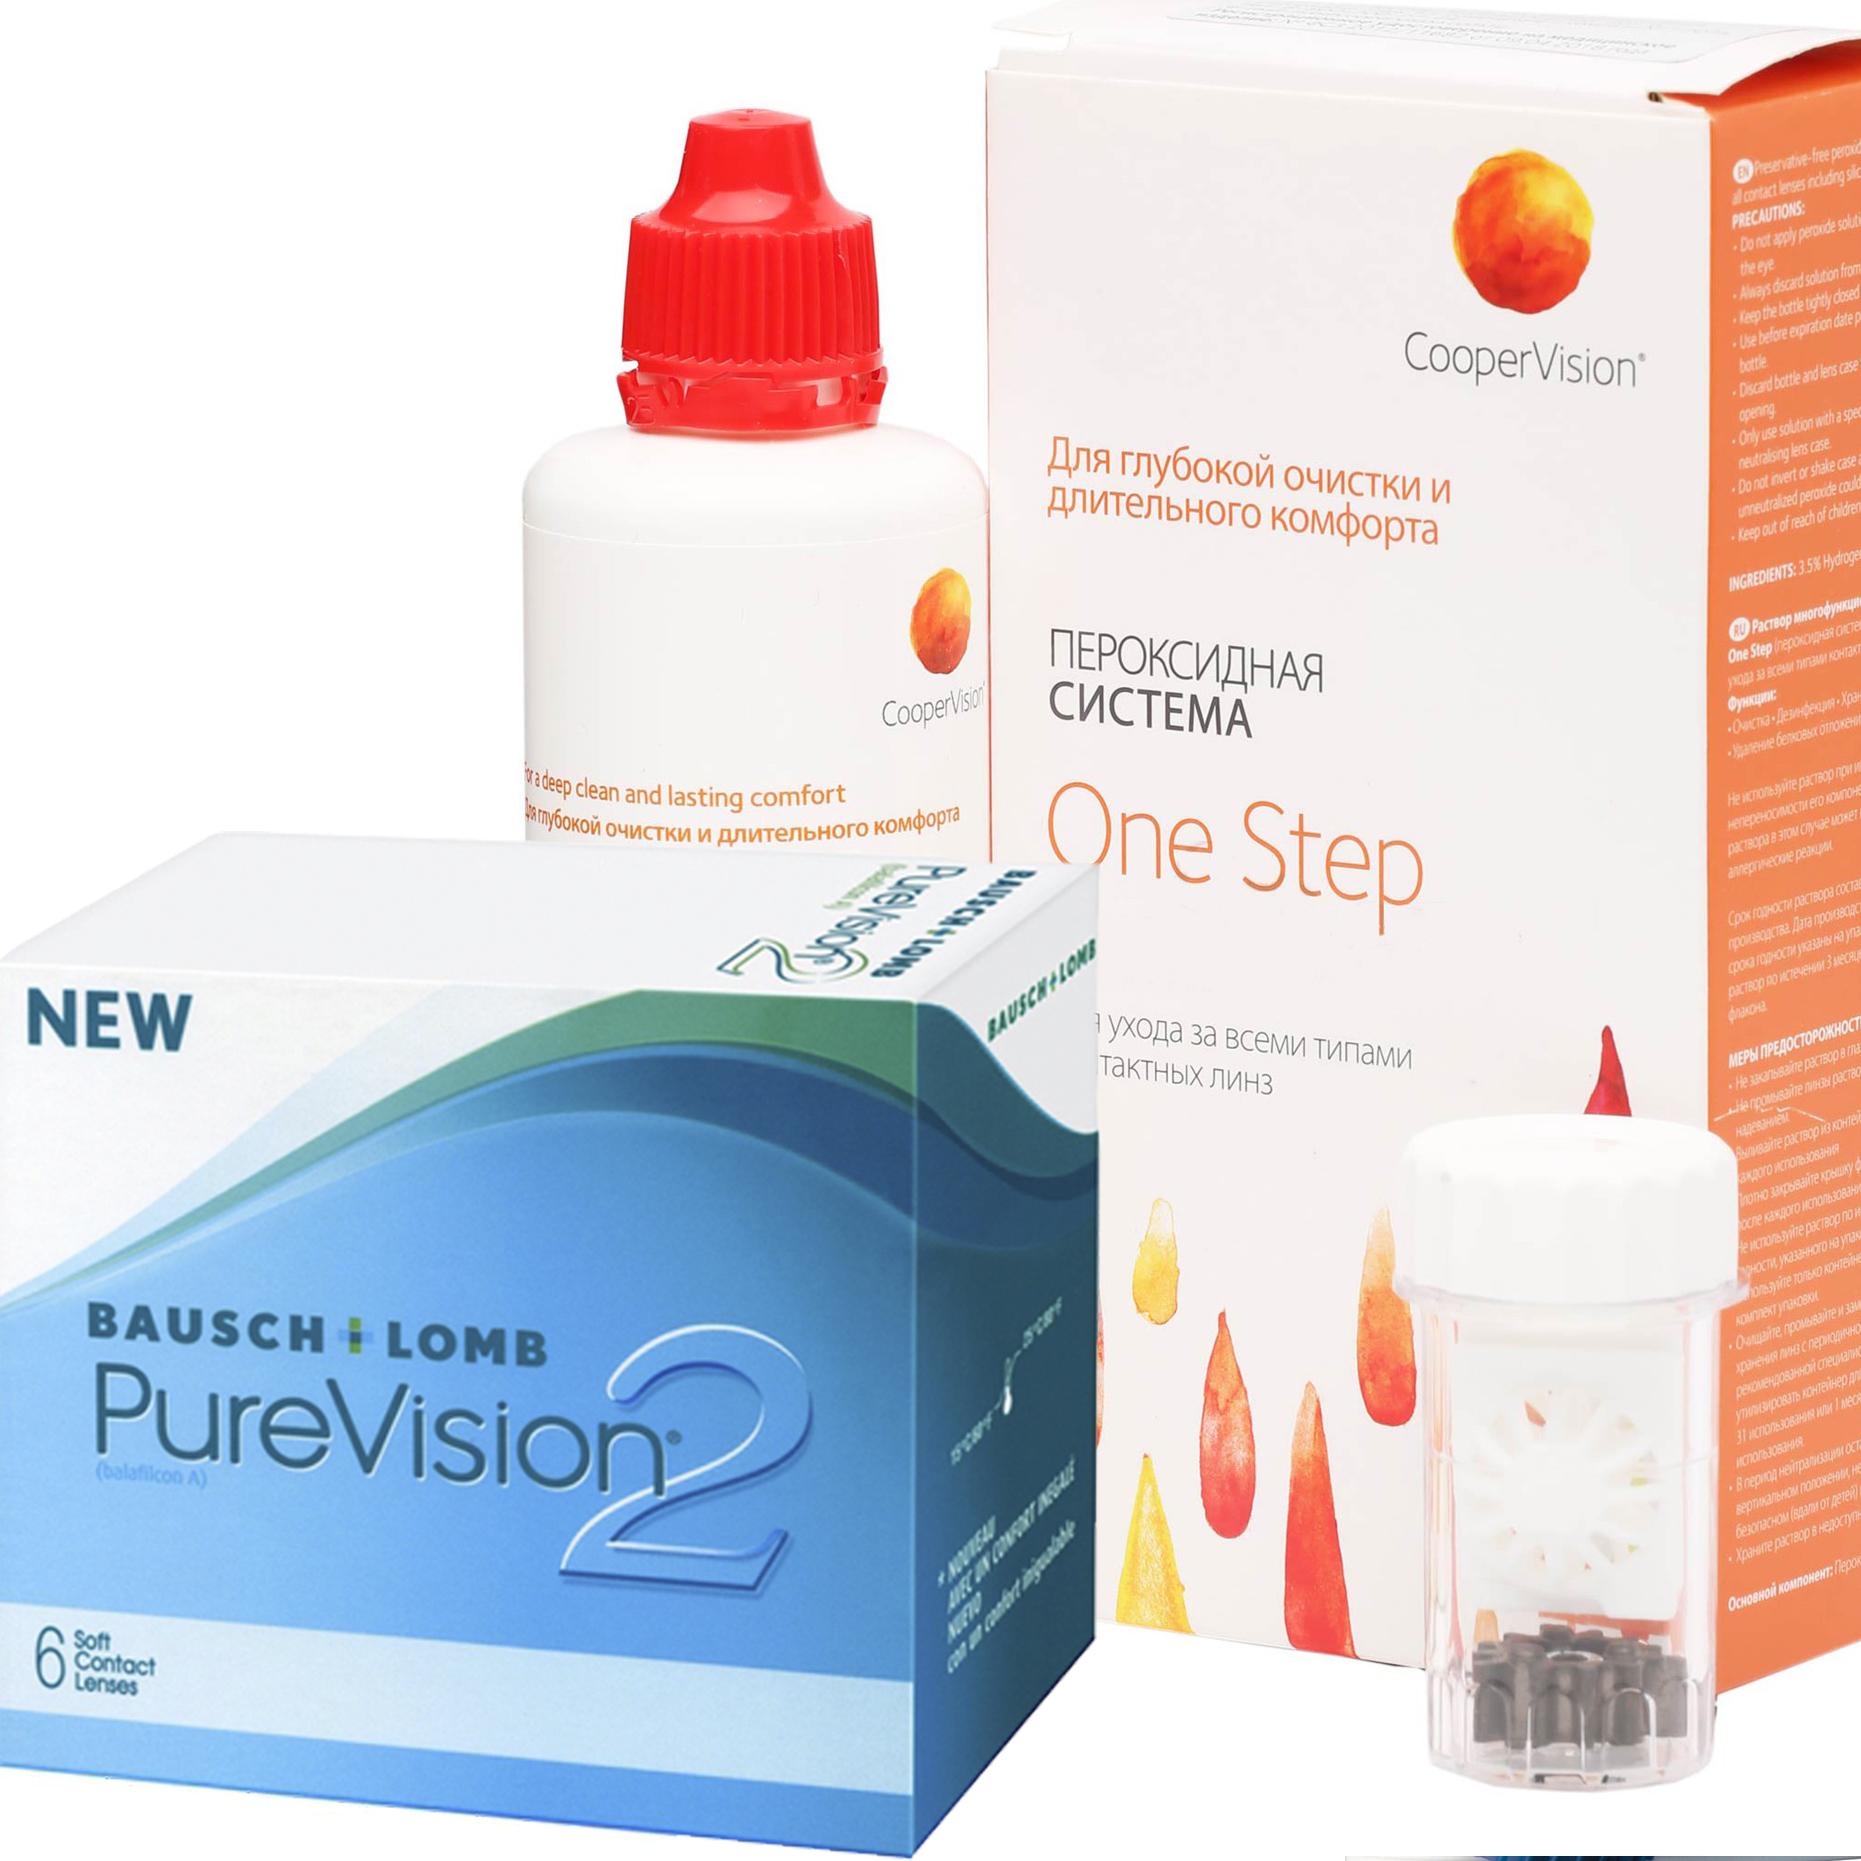 Купить 2 6 линз + One Step, Контактные линзы PureVision 2 6 линз R 8.6 +5, 50 + Раствор One Step 360 мл